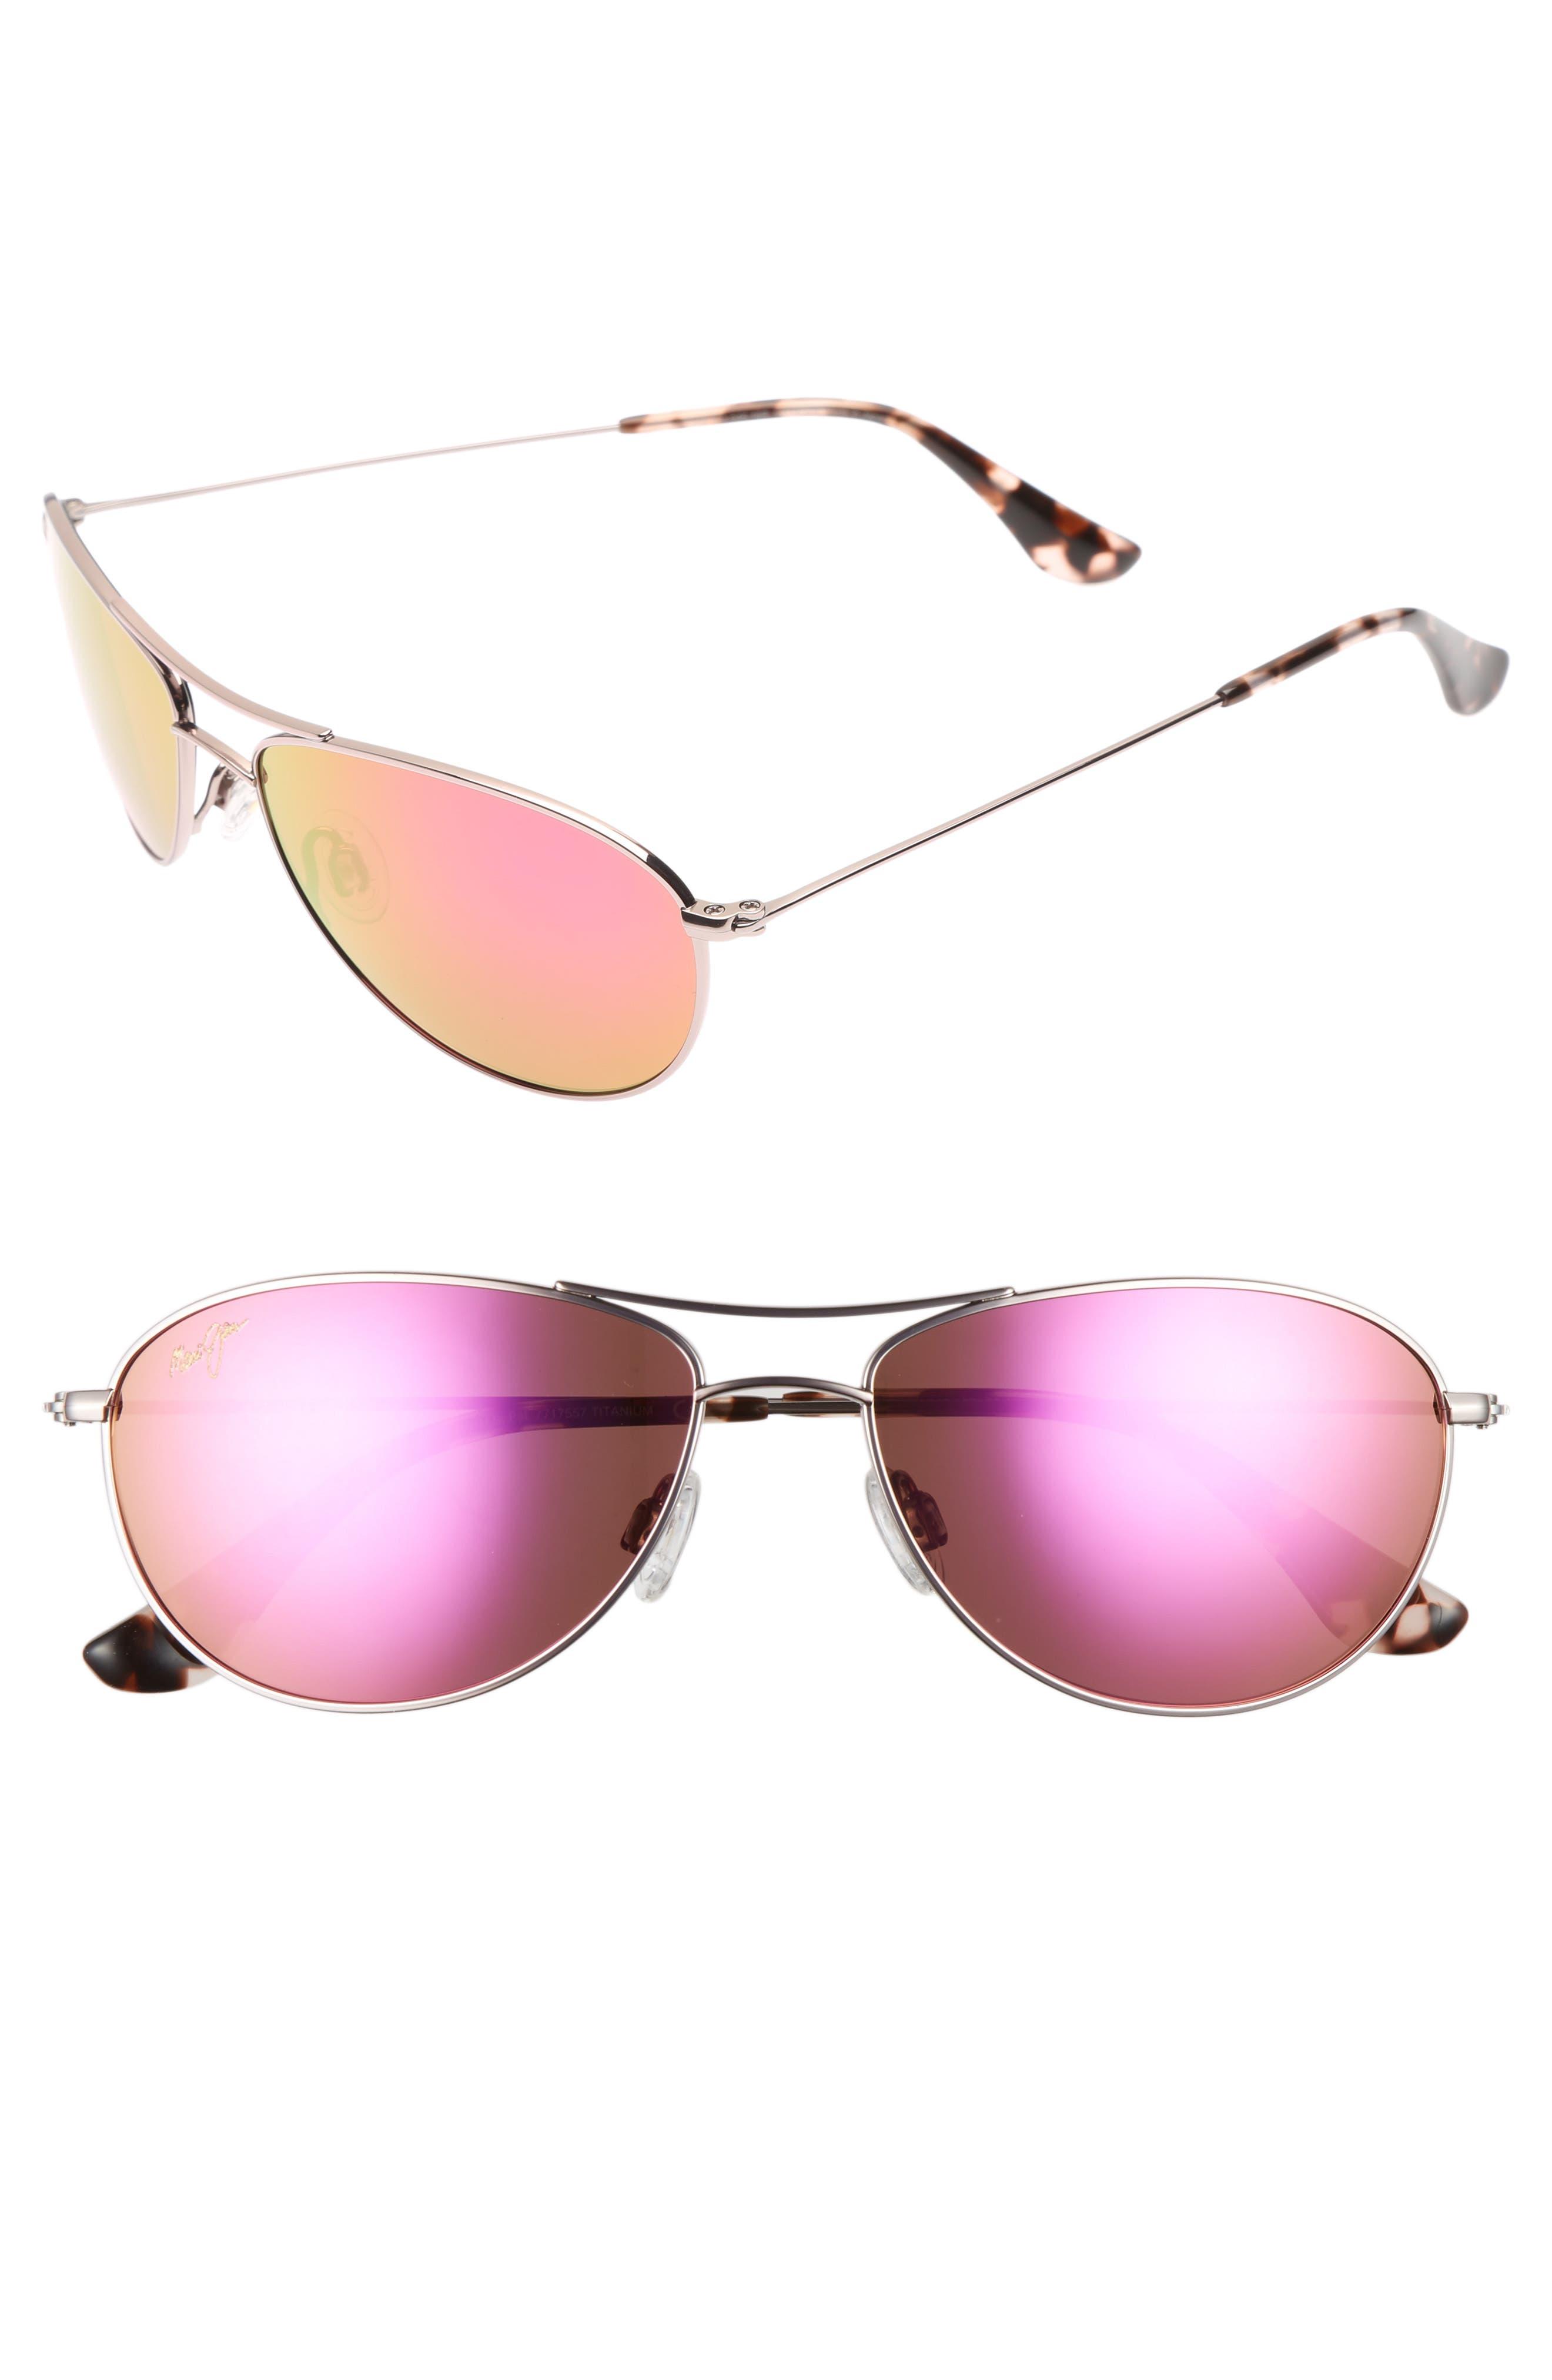 Baby Beach 56mm Mirrored Polarizedplus2 Aviator Sunglasses